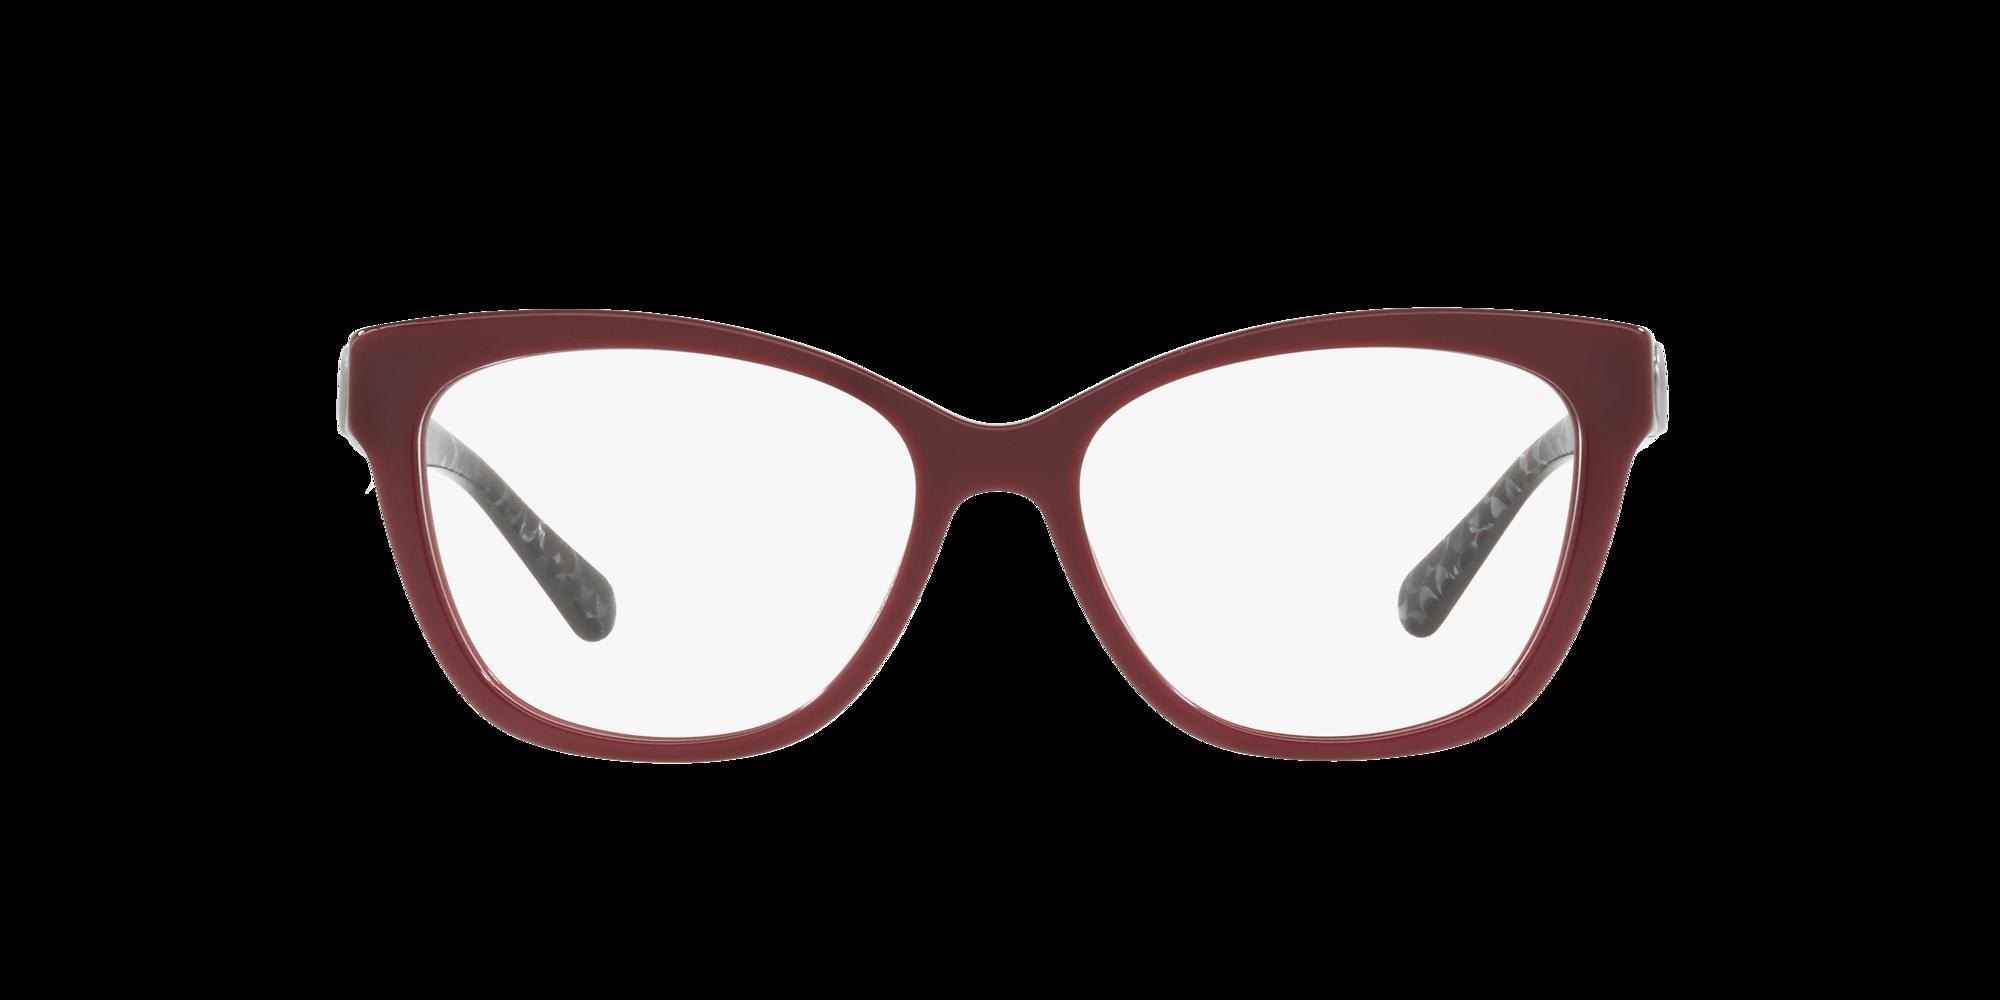 Imagen para HC6120 de LensCrafters    Espejuelos, espejuelos graduados en línea, gafas